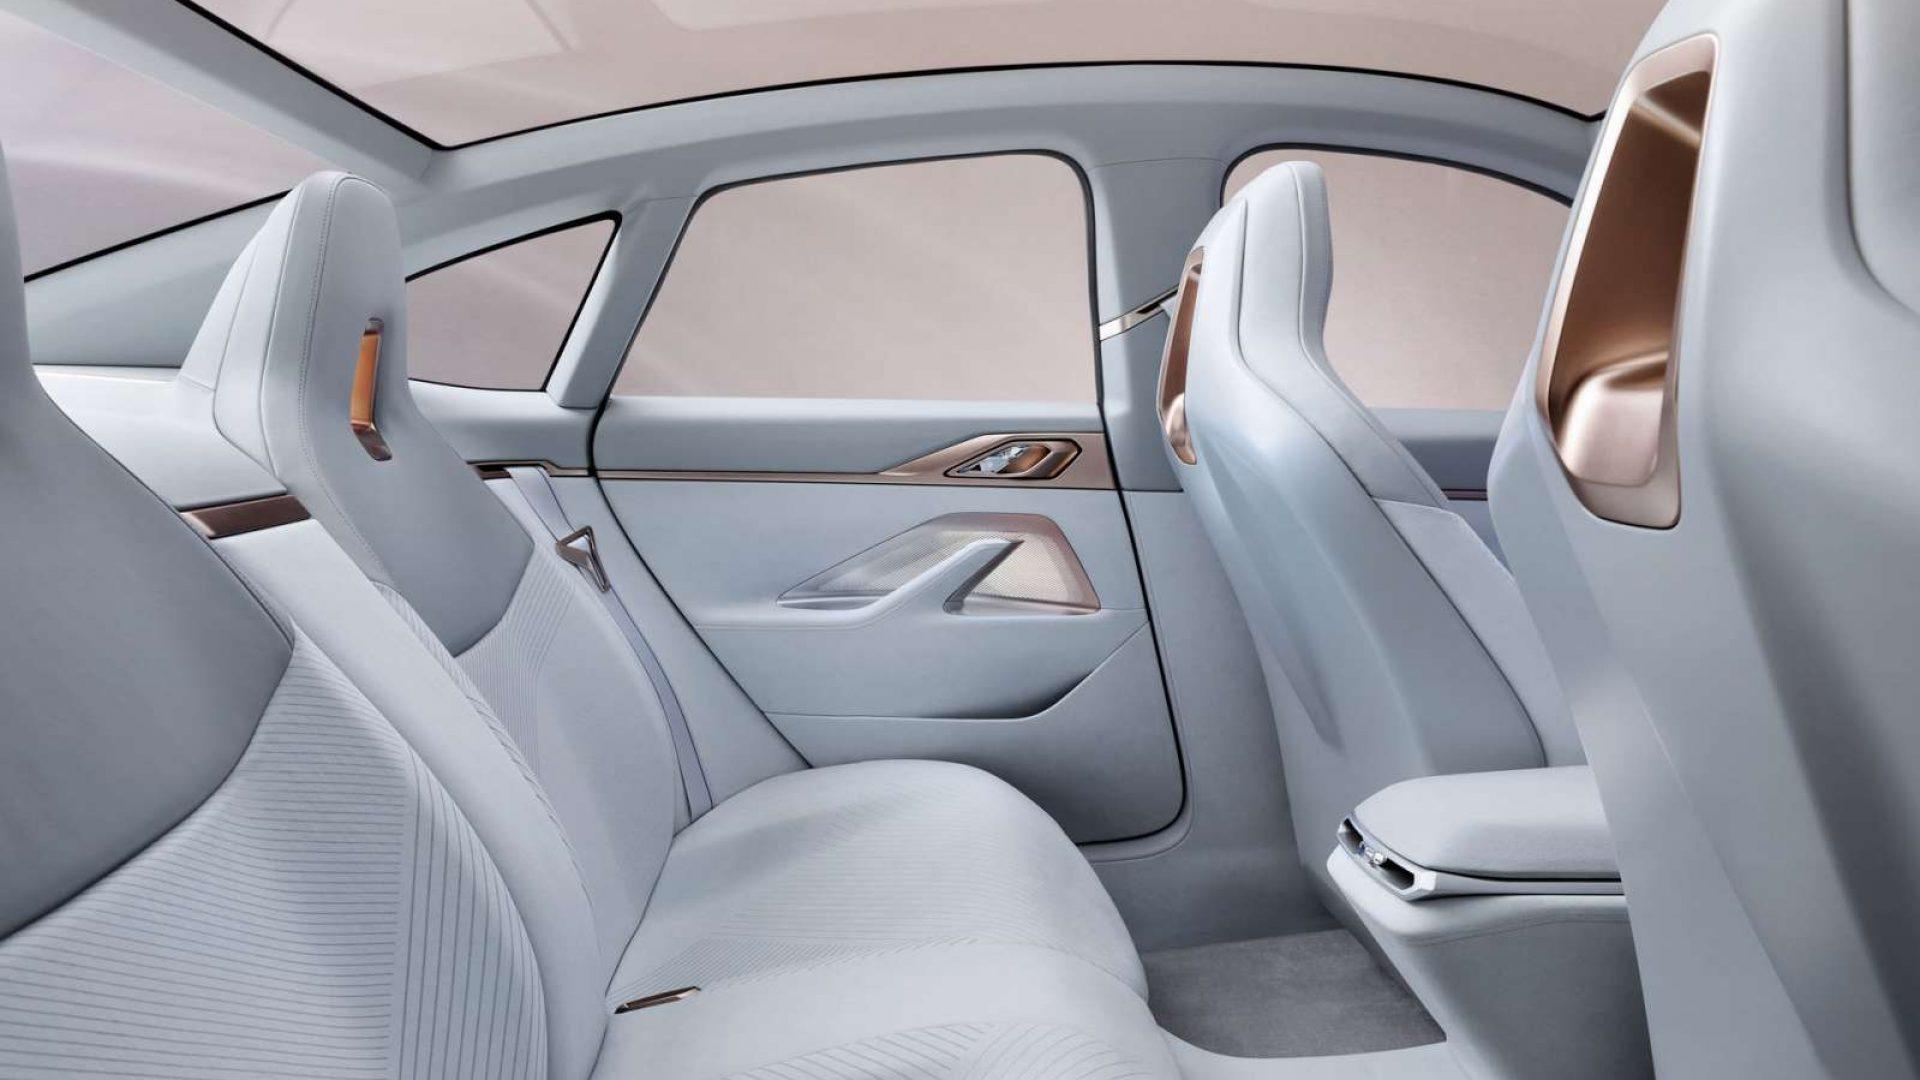 2020-BMW-Concept-i4-Interior-08